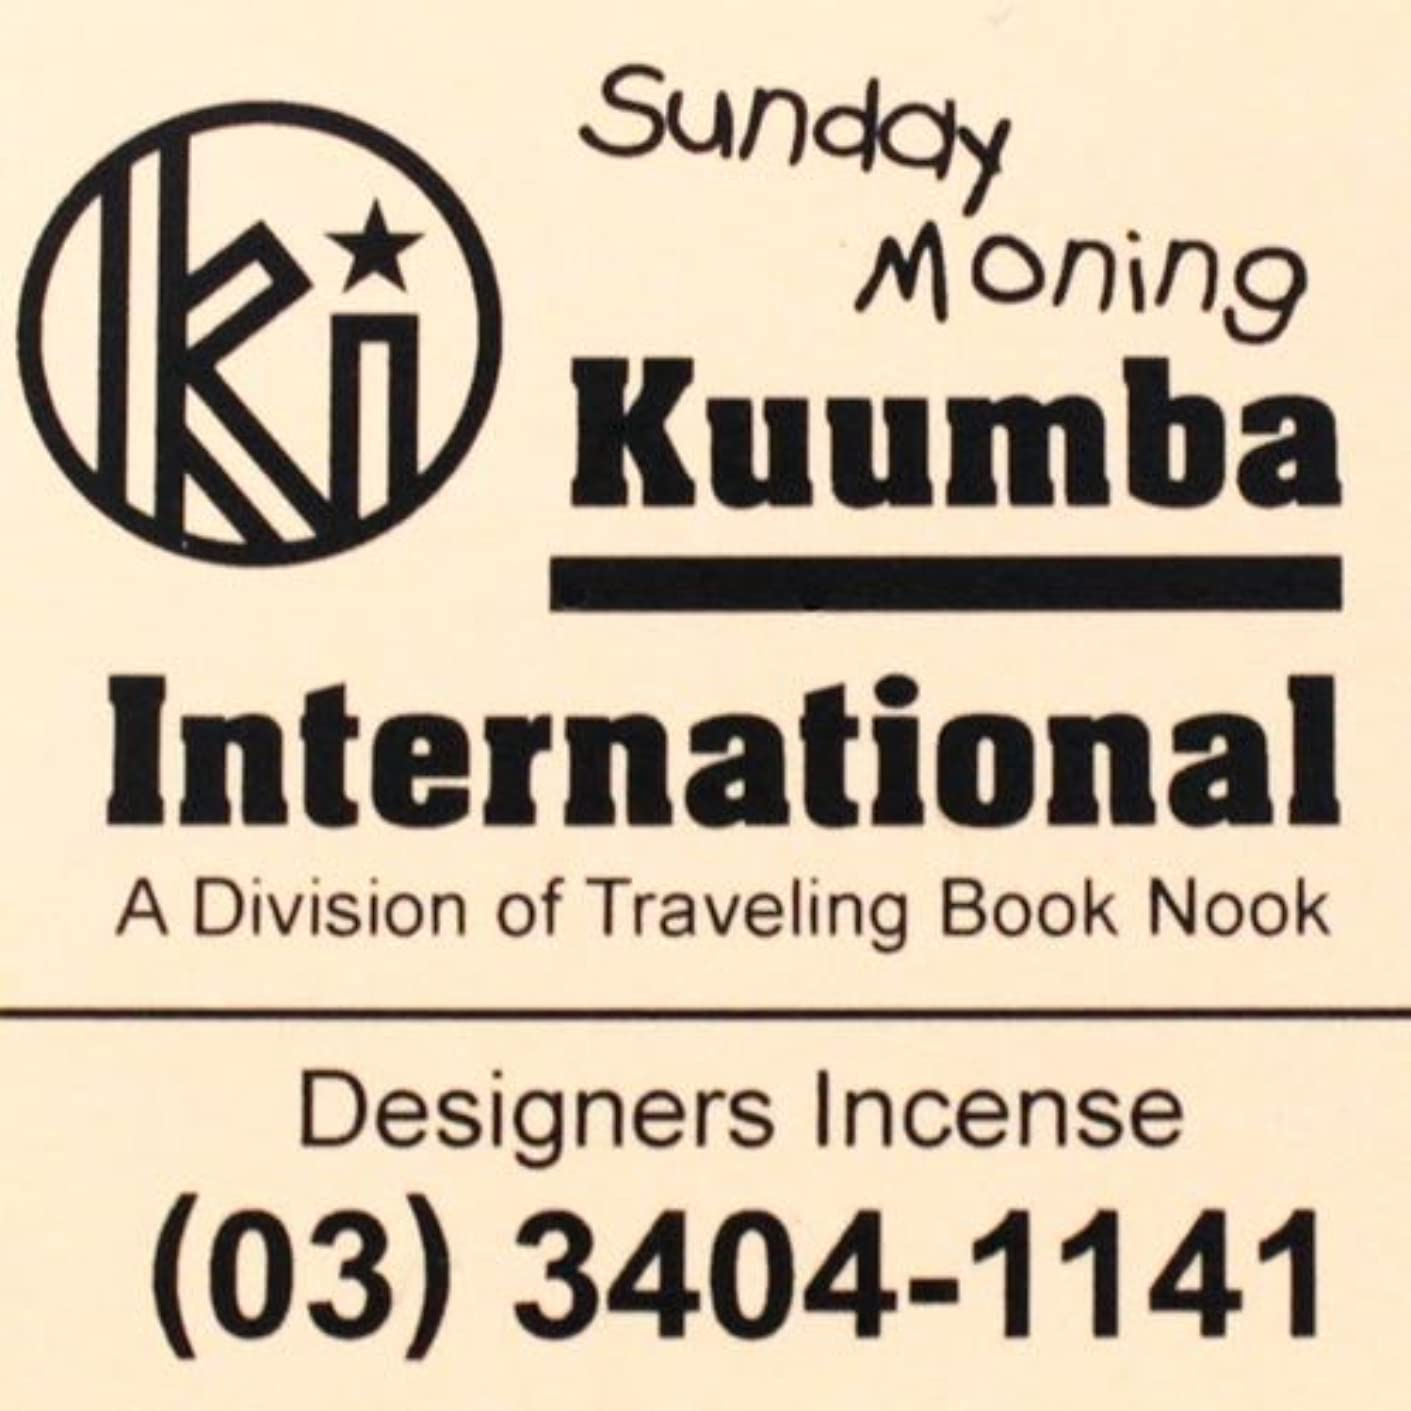 繊細危険にさらされている分注する(クンバ) KUUMBA『incense』(Sunday Morning) (Regular size)